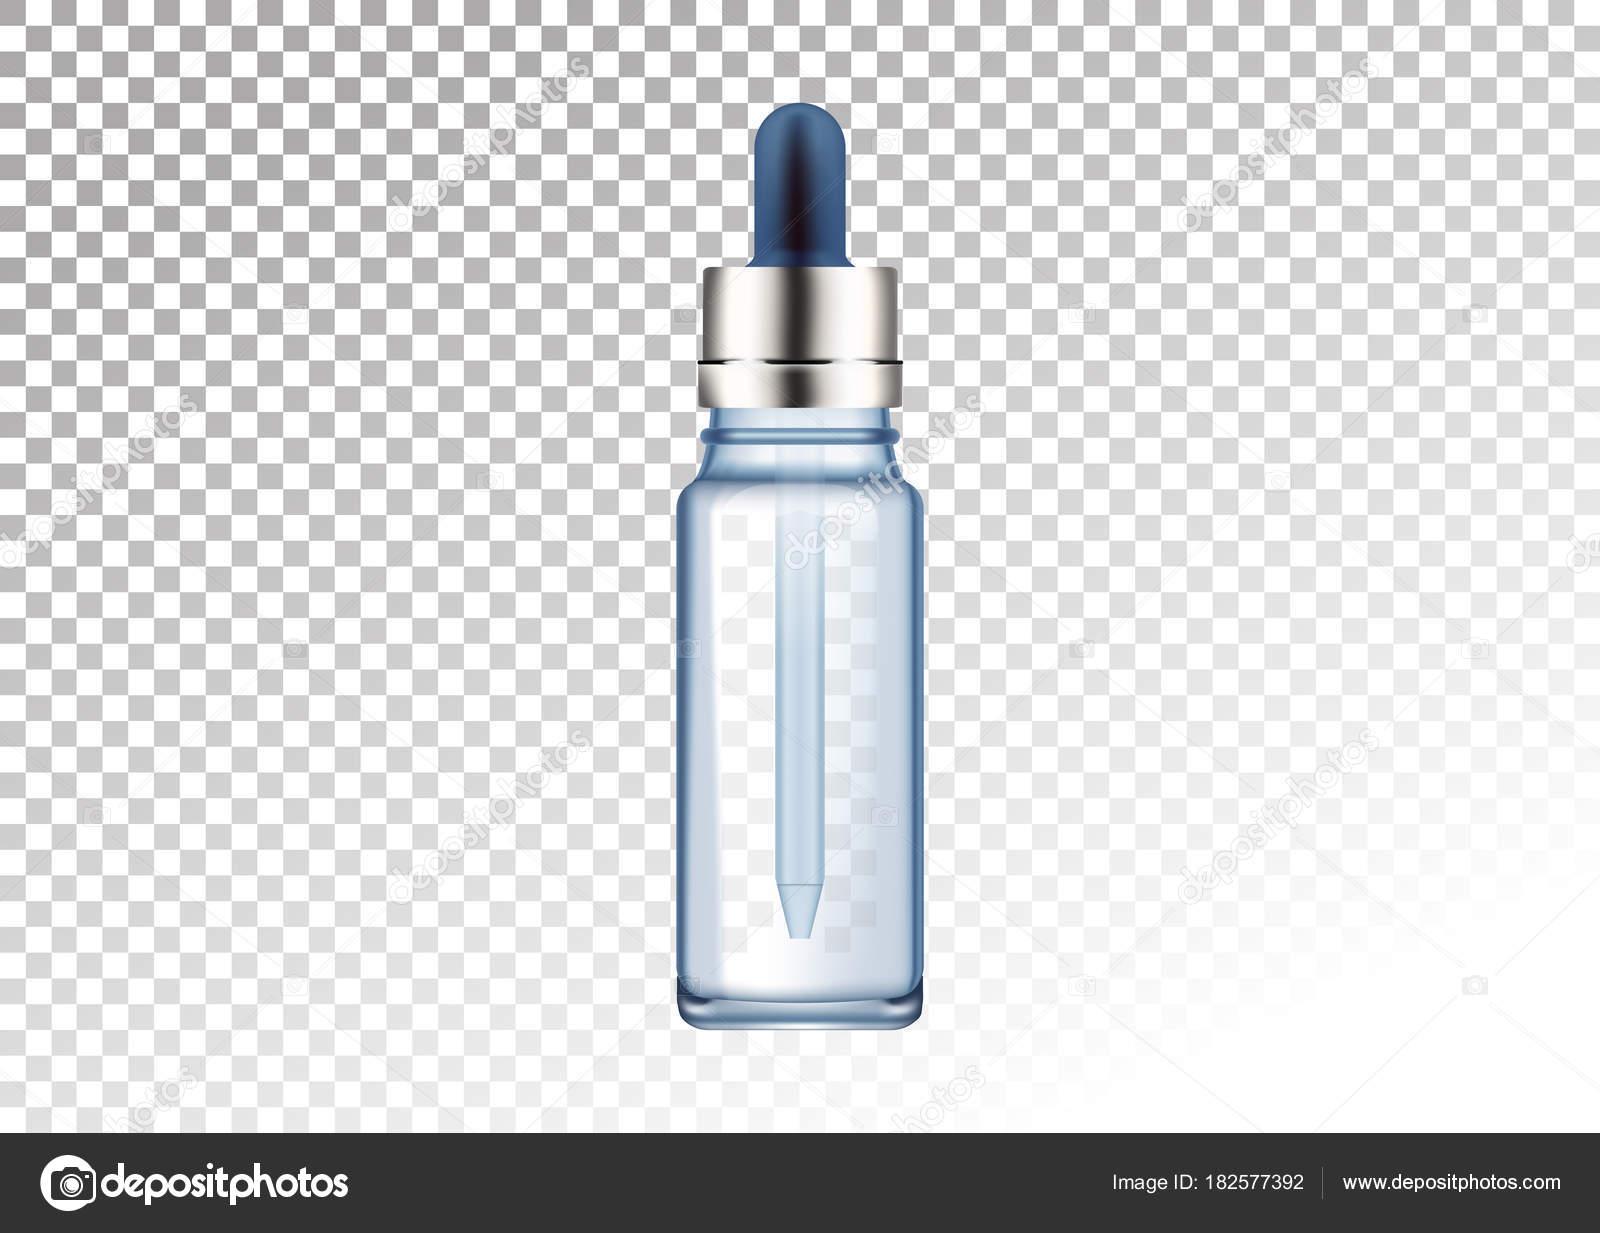 ベクトル現実的なガラス瓶油液体必須コラーゲン血清用化粧品管瓶